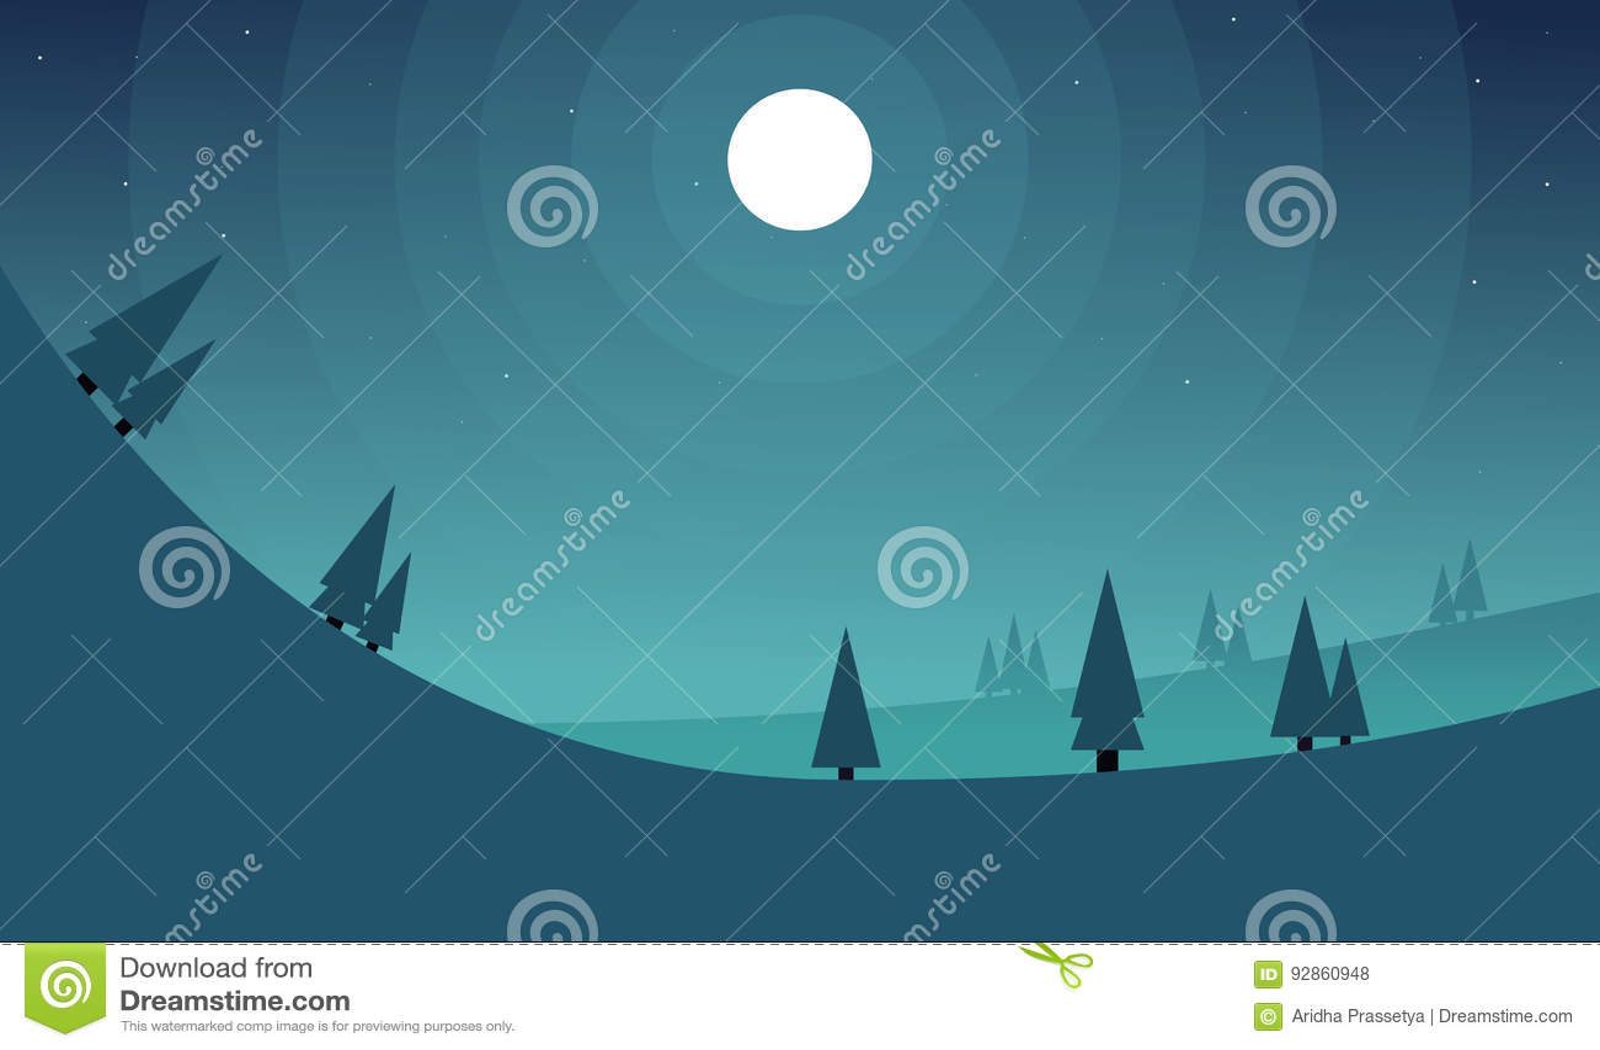 Afbeeldingsresultaat voor nachtspel afbeelding